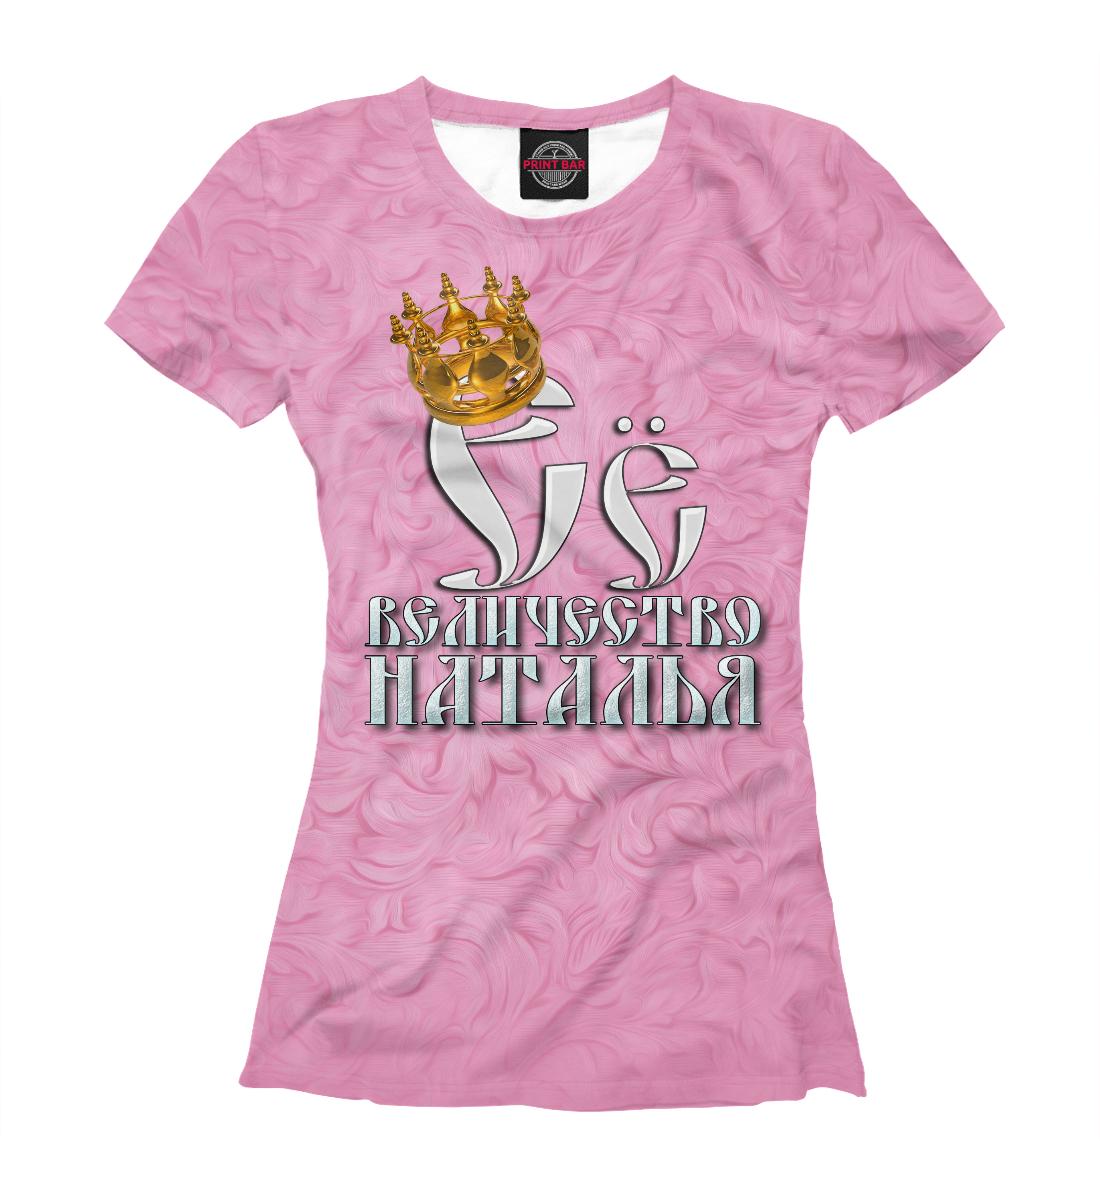 Купить Её величество Наталья, Printbar, Футболки, IMR-369832-fut-1